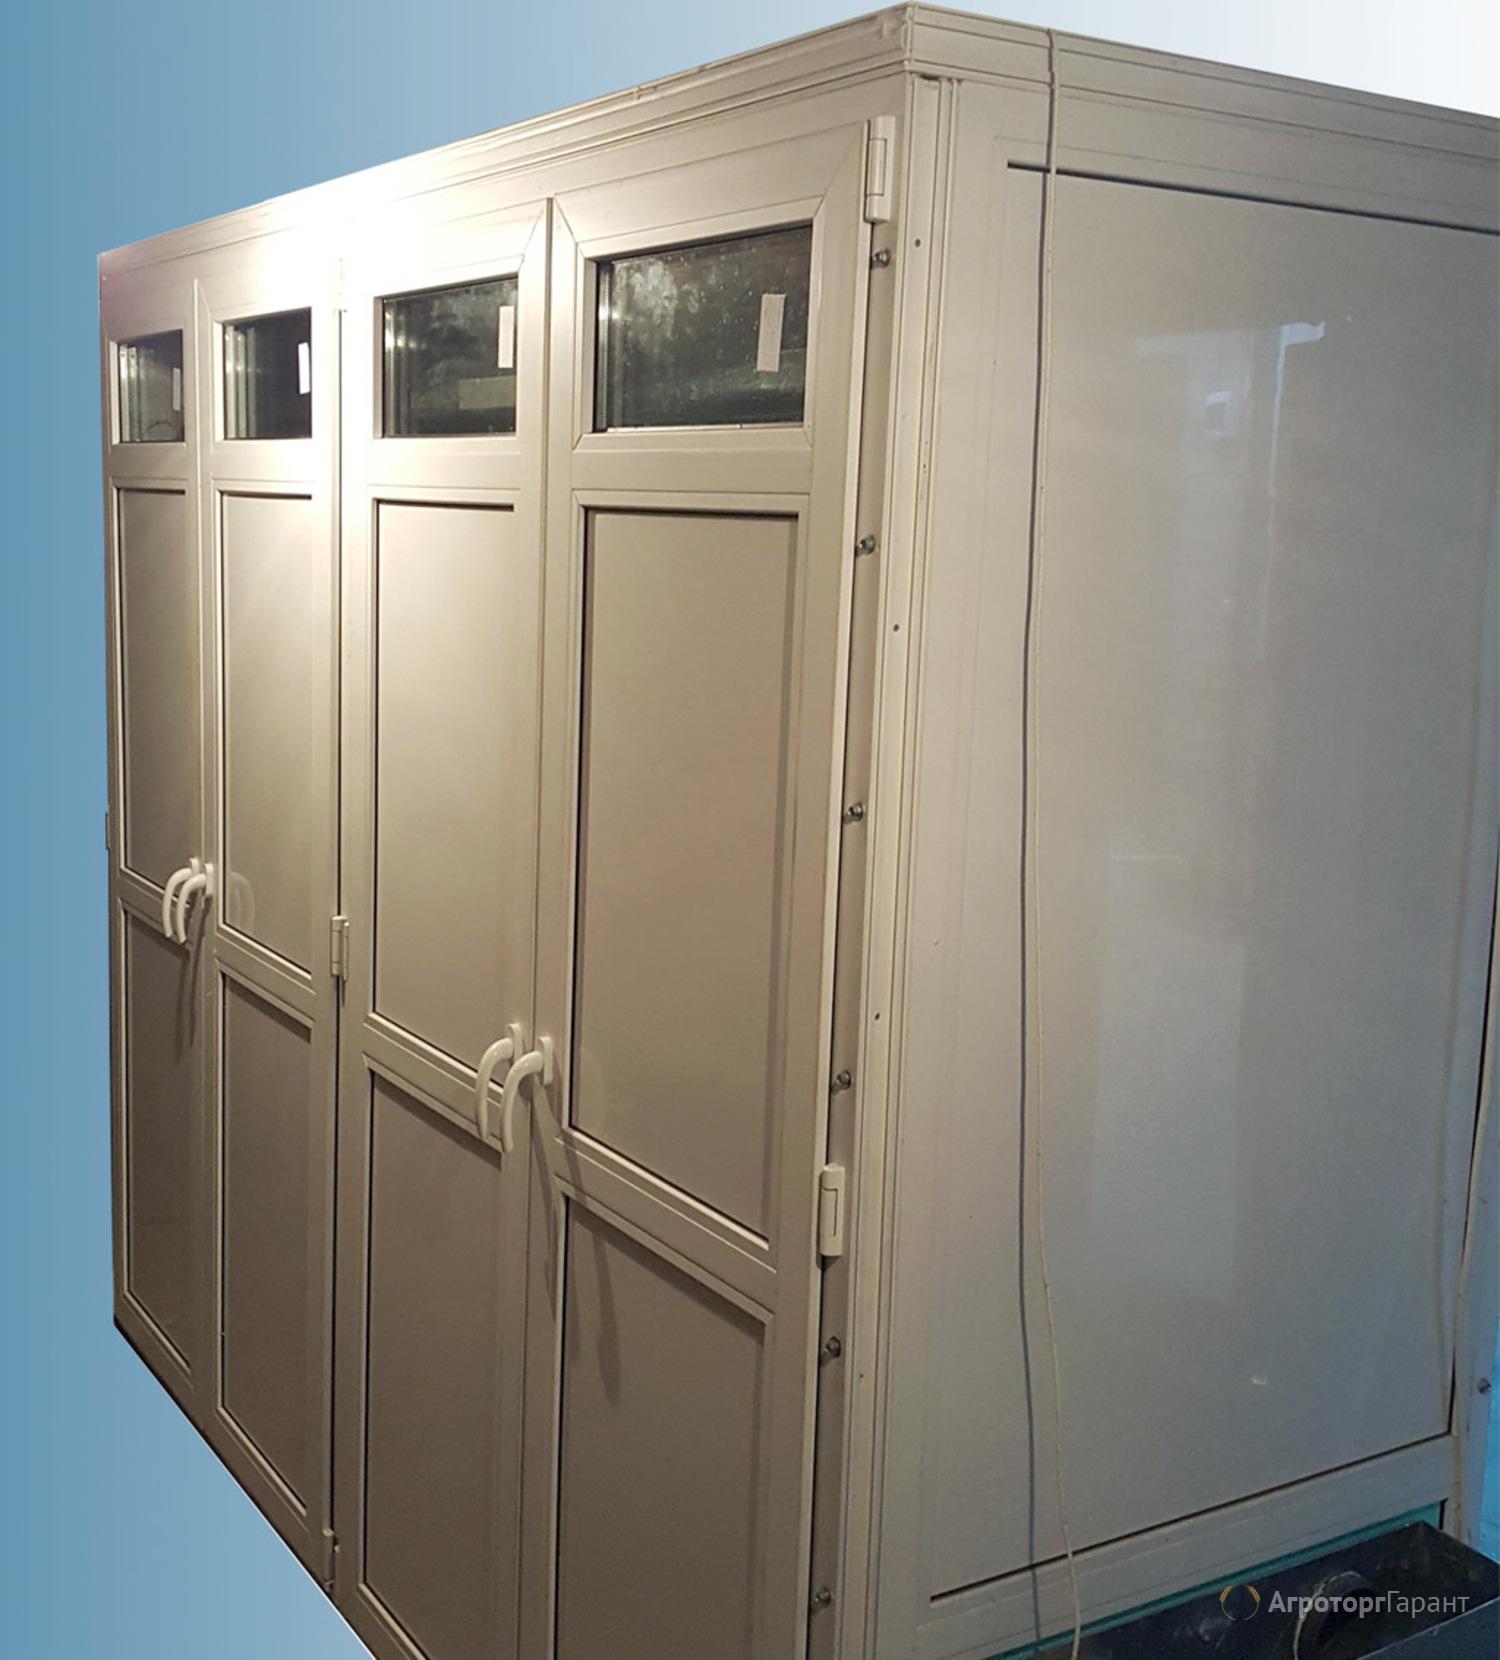 Объявление Автоматический инкубатор для яиц InКУБ-10400 в Ставропольском крае